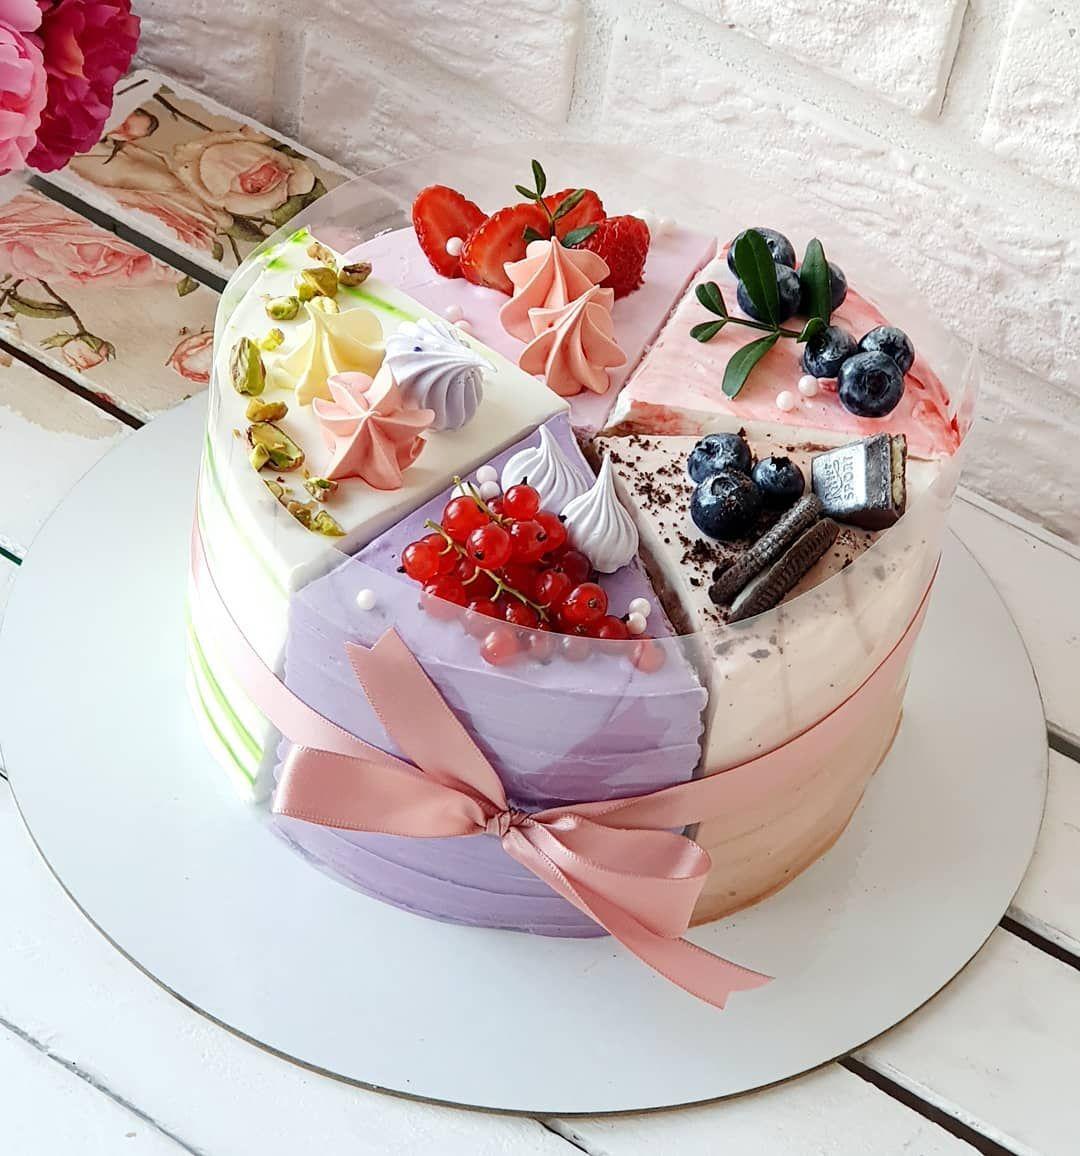 актер красивая картинка торта четвертинки папку, содержащие фото